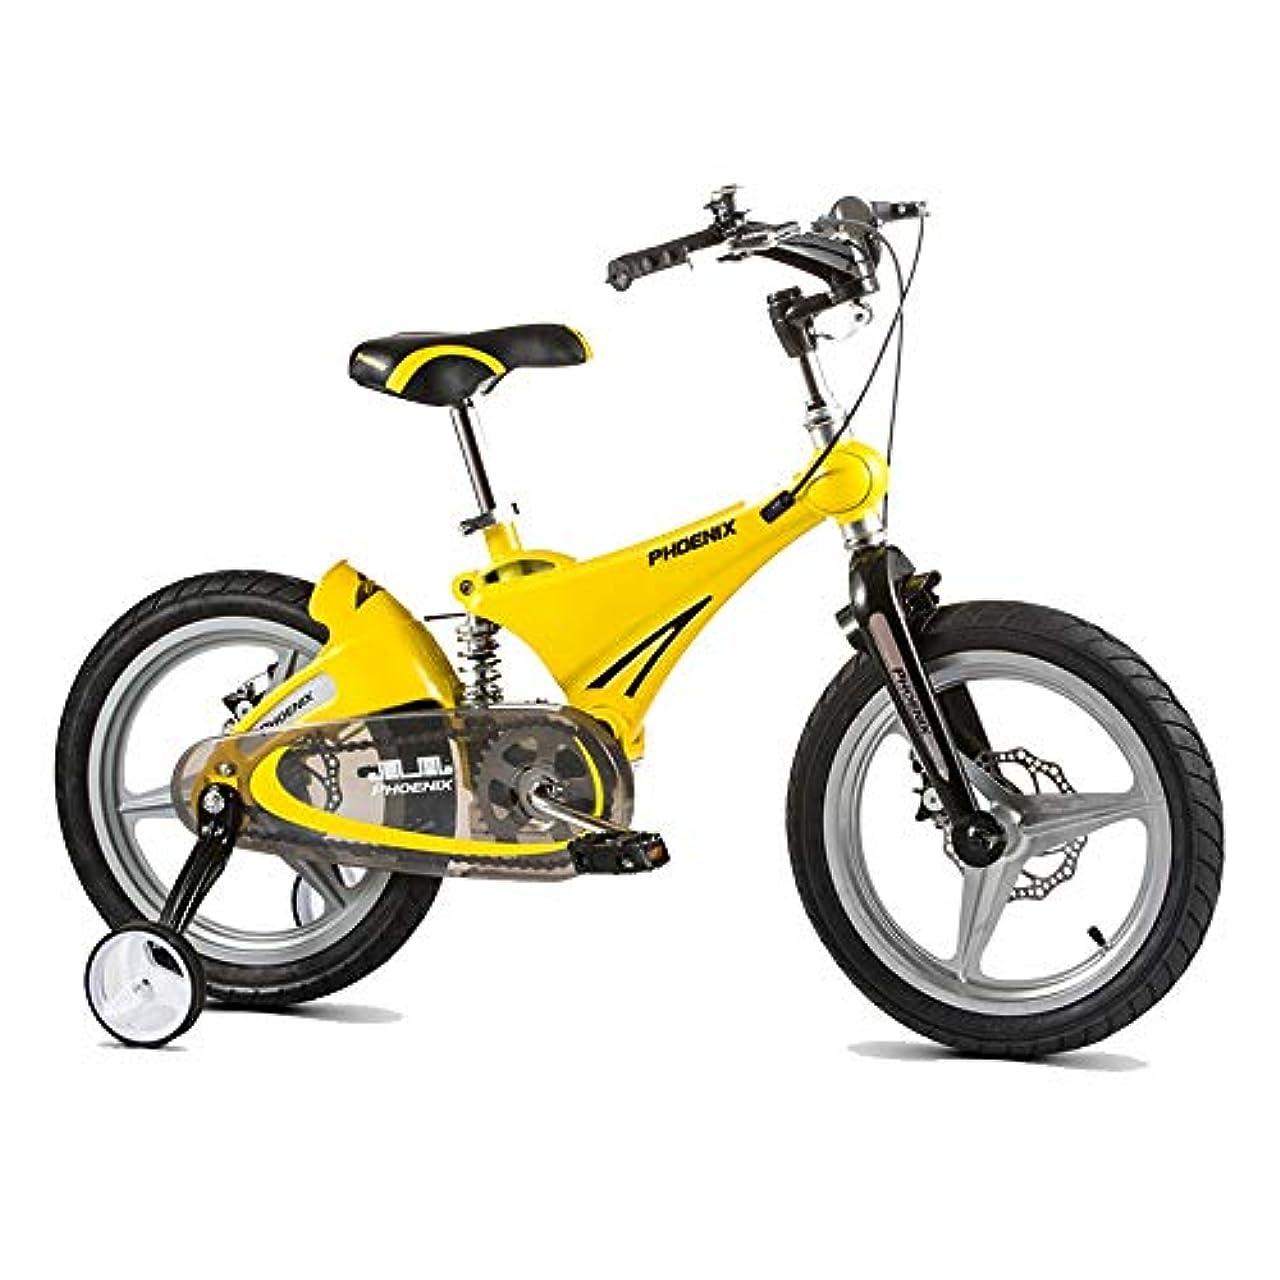 発生する噂ロマンチックBAOMEI 子ども用自転車 補助輪、ブラケット、イエローと子供自転車12インチの男の子と女の子バイク、子供2-5歳に適しました、